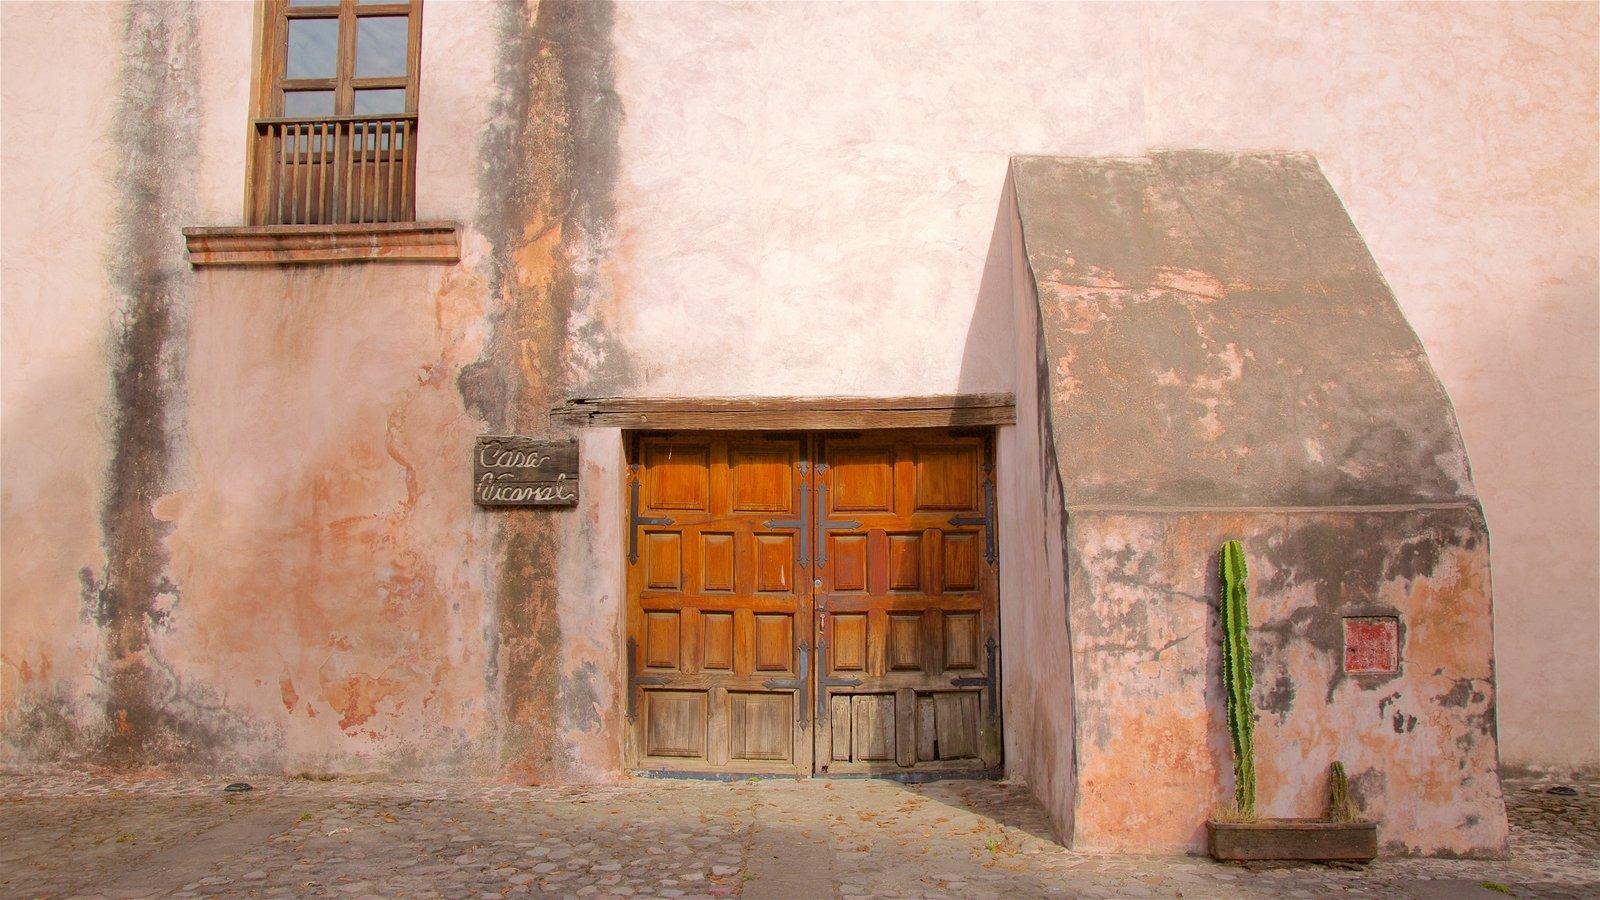 Metepec ofreciendo elementos del patrimonio